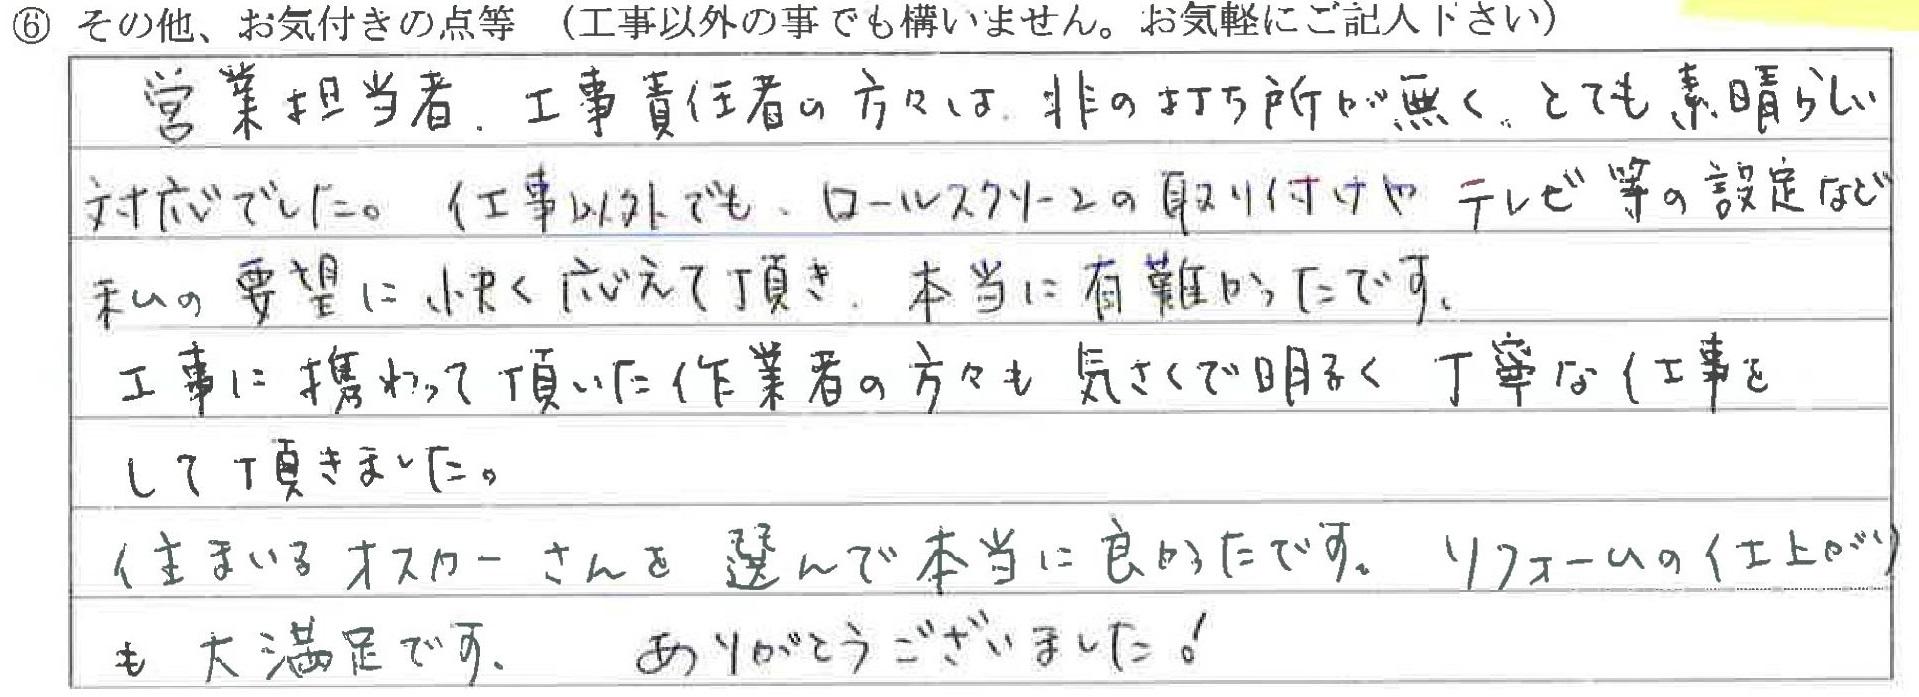 富山県小矢部市M様に頂いた和室改装工事についてのお気づきの点がありましたら、お聞かせ下さい。というご質問について「和室改装工事【お喜びの声】」というお声についての画像